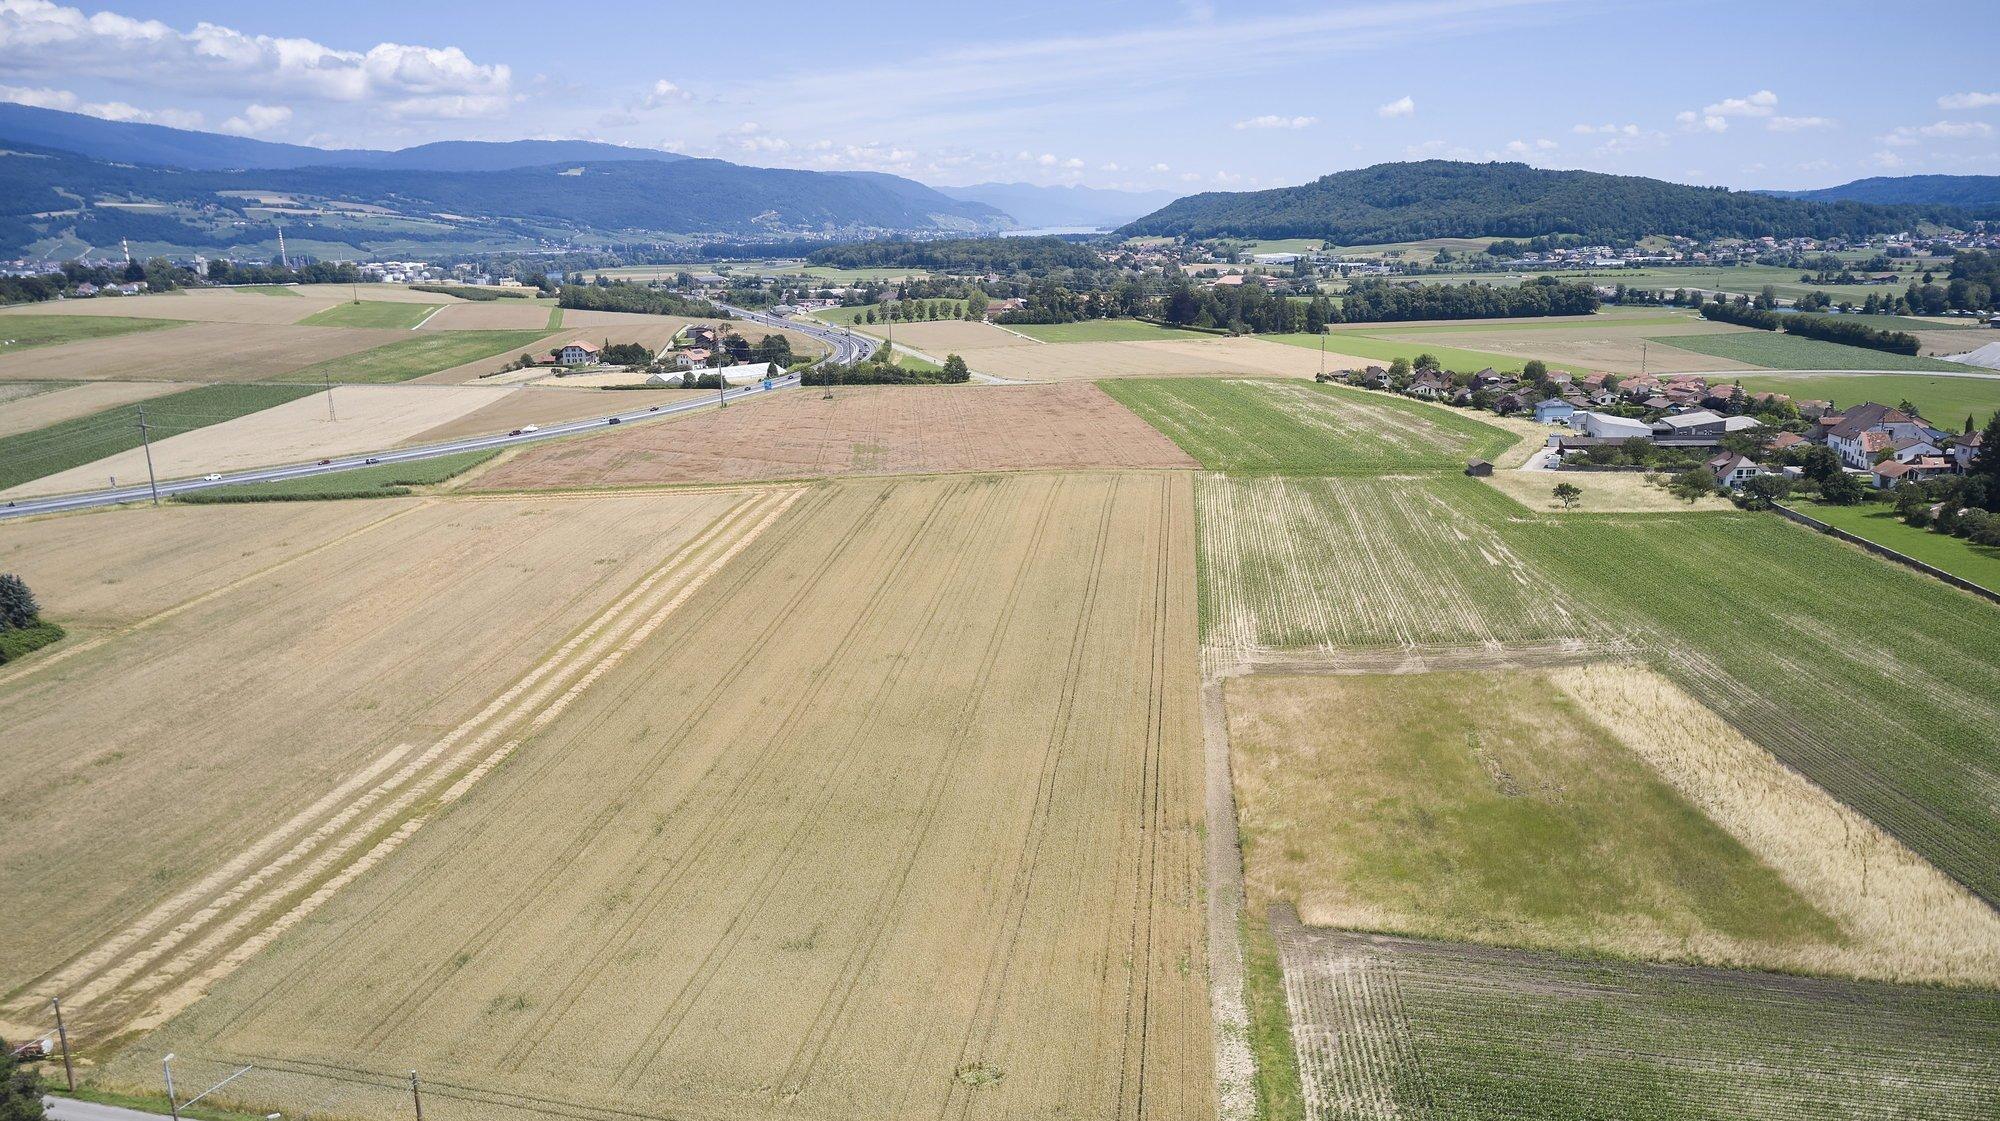 Le projet du gouvernement prévoit, à terme, la transformation de près de 24 hectares de terres agricoles en un écoquartier et une zone industrielle.